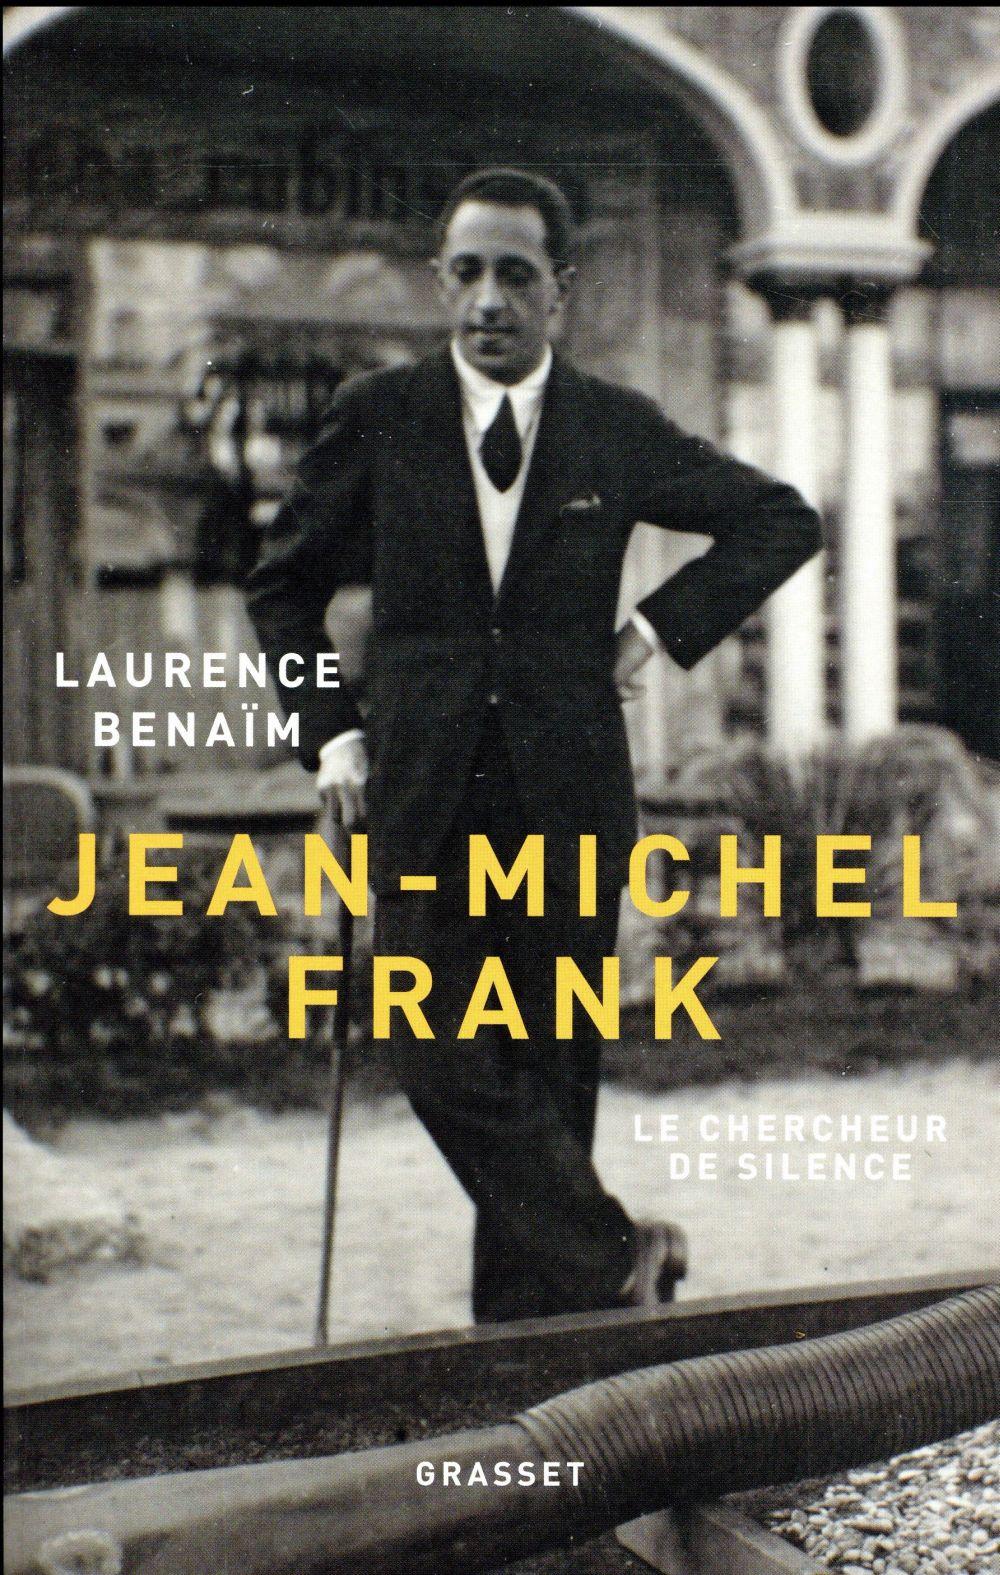 Jean-Michel Frank ; le chercheur de silence